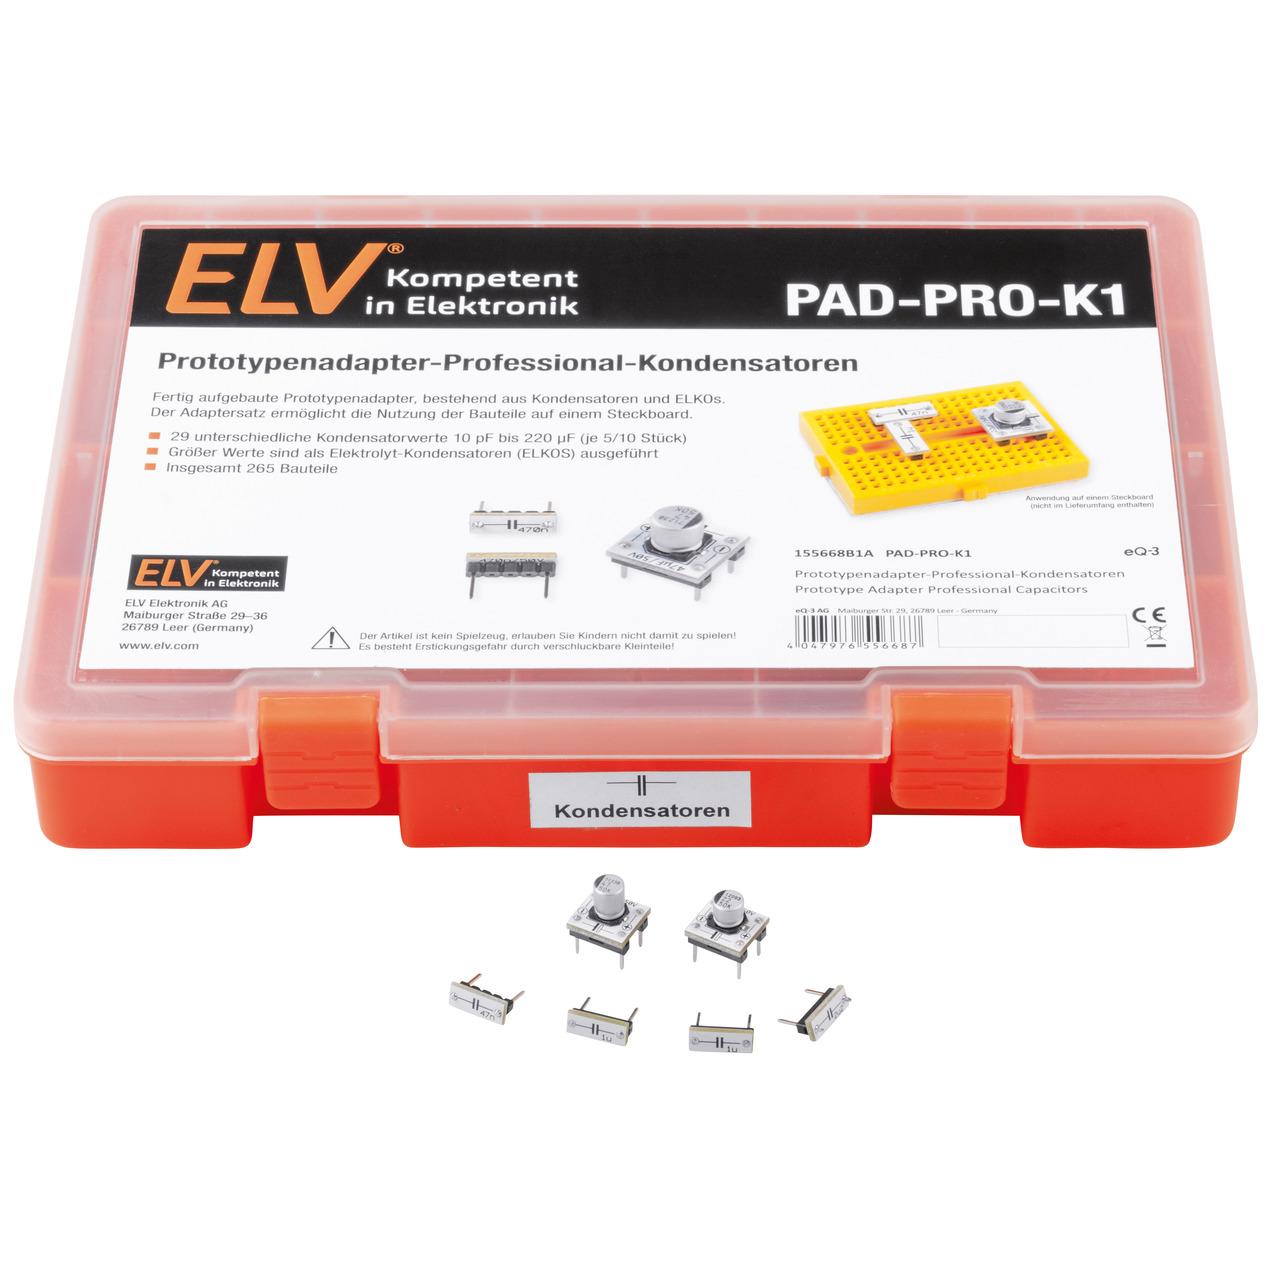 ELV Aufbewahrungsbox mit Kondensatoren und ELKOs PAD-PRO-K1- 275 Teile